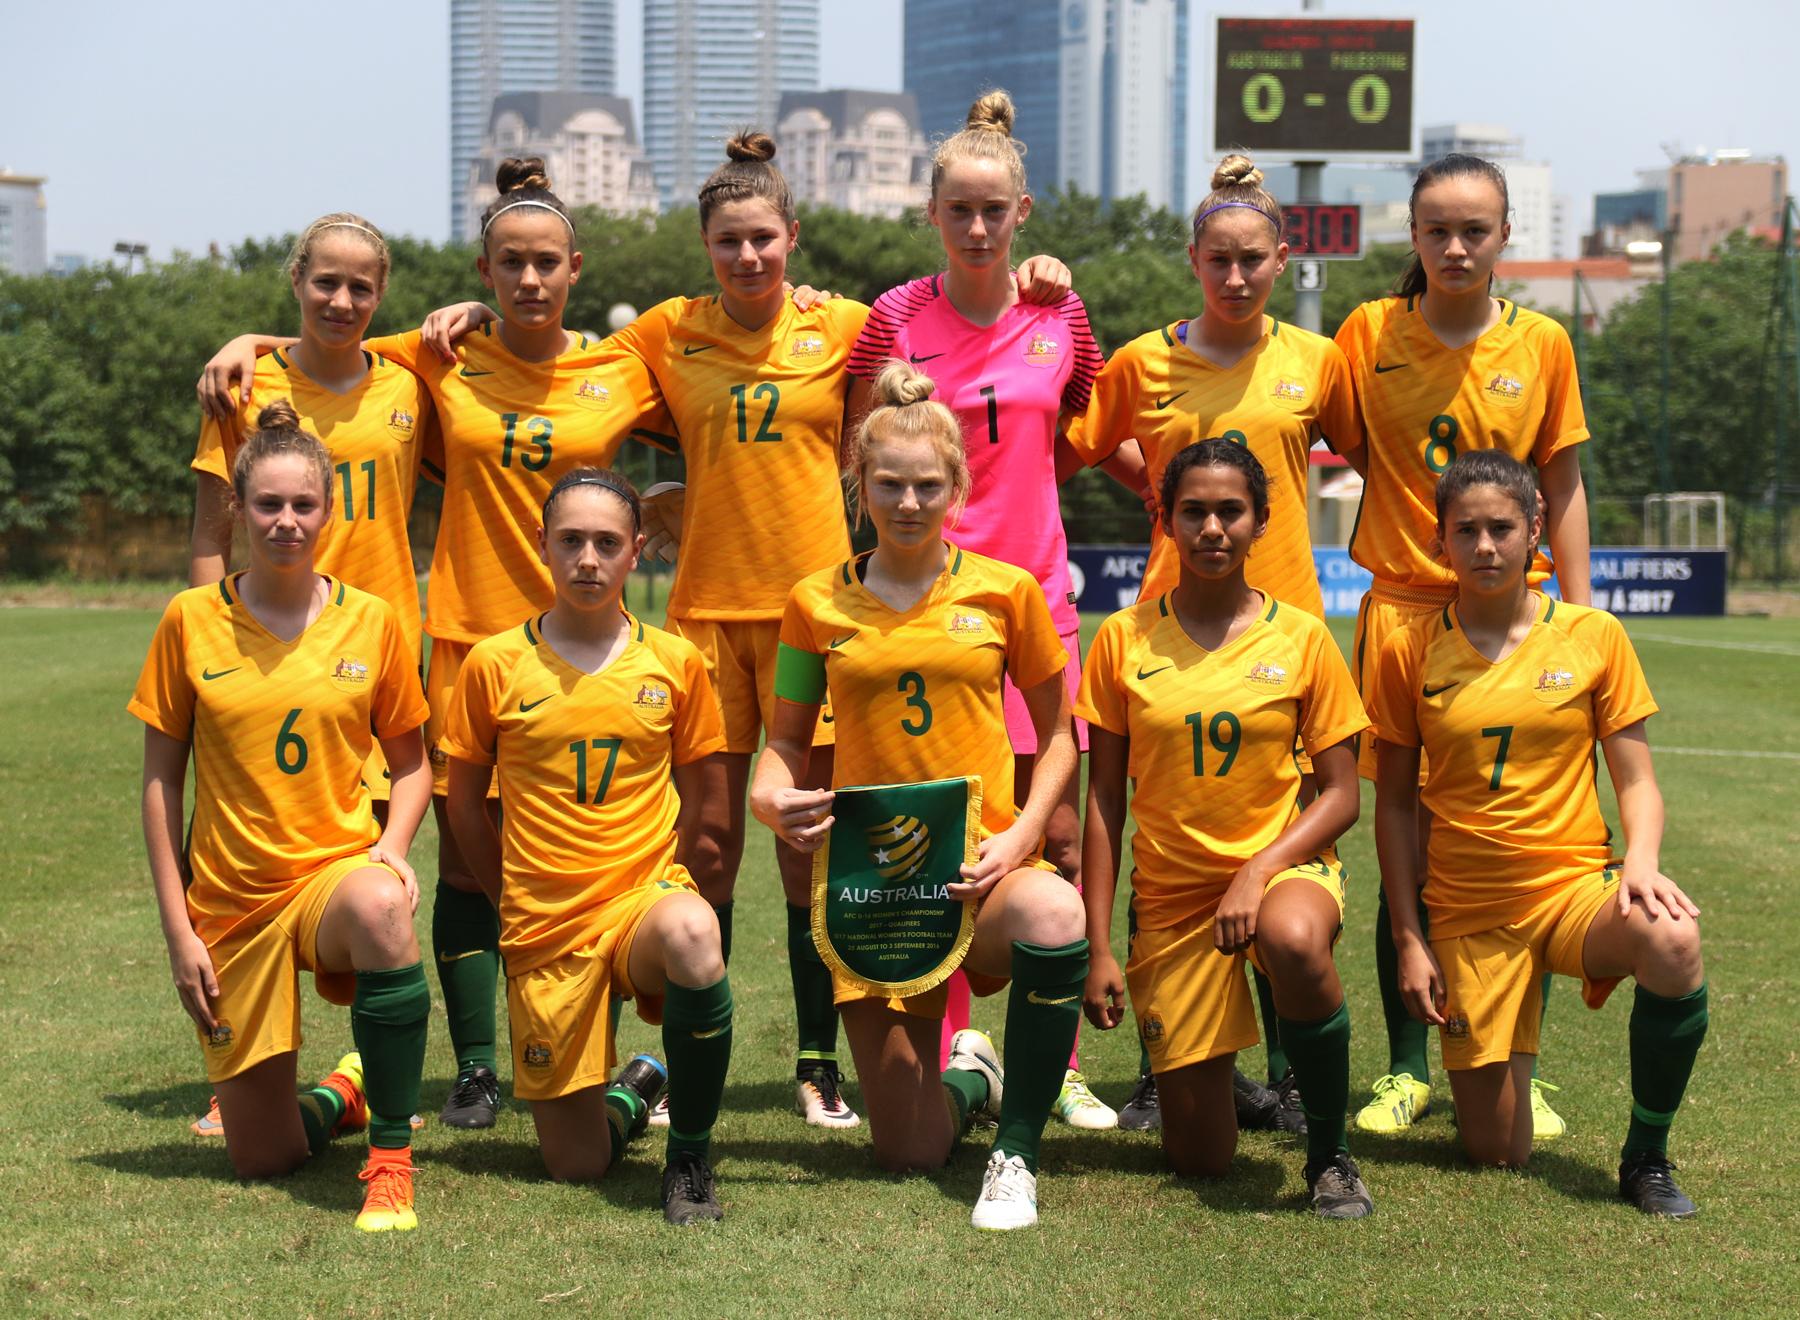 Một số hình ảnh tại vòng loại bảng D giải U16 nữ châu Á 2017 ngày 25-7